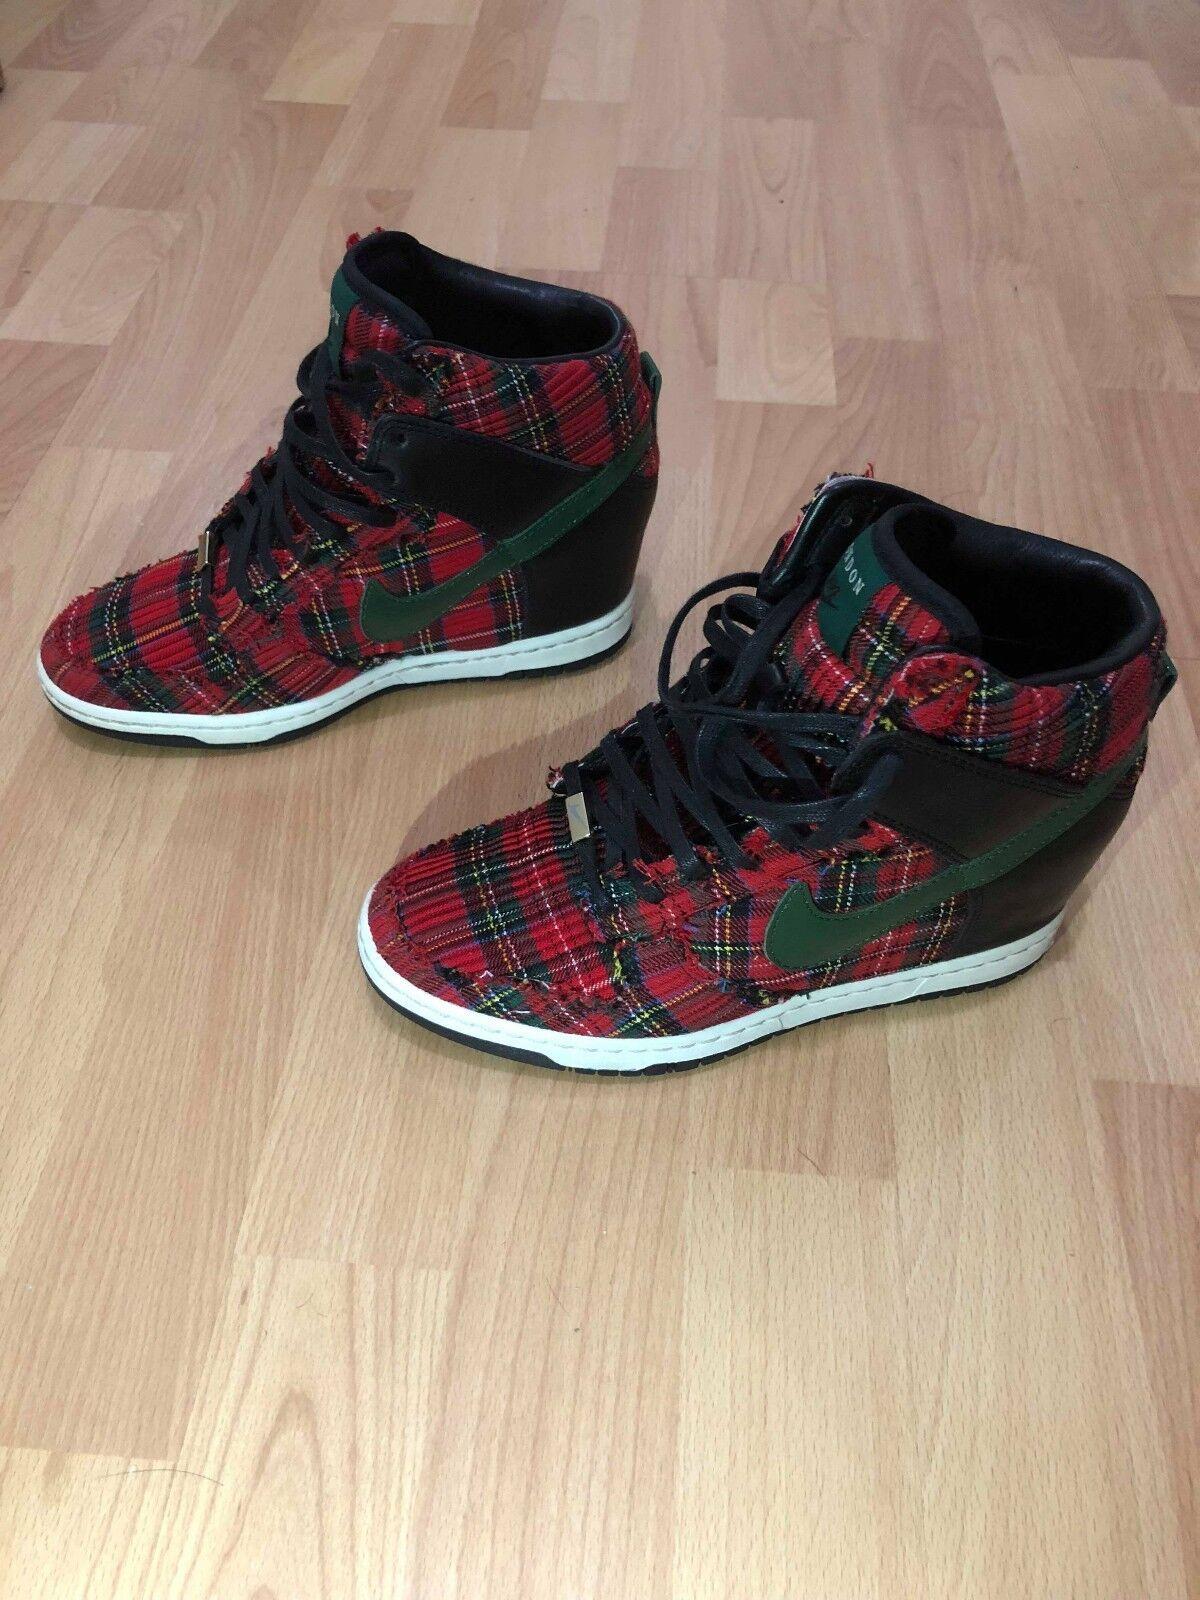 Nike Dunk Sky Hi Cuña Ciudad Londres Navidad Qs Qs Qs 598216-001 Zapatos para mujer Talla 6.5  clásico atemporal